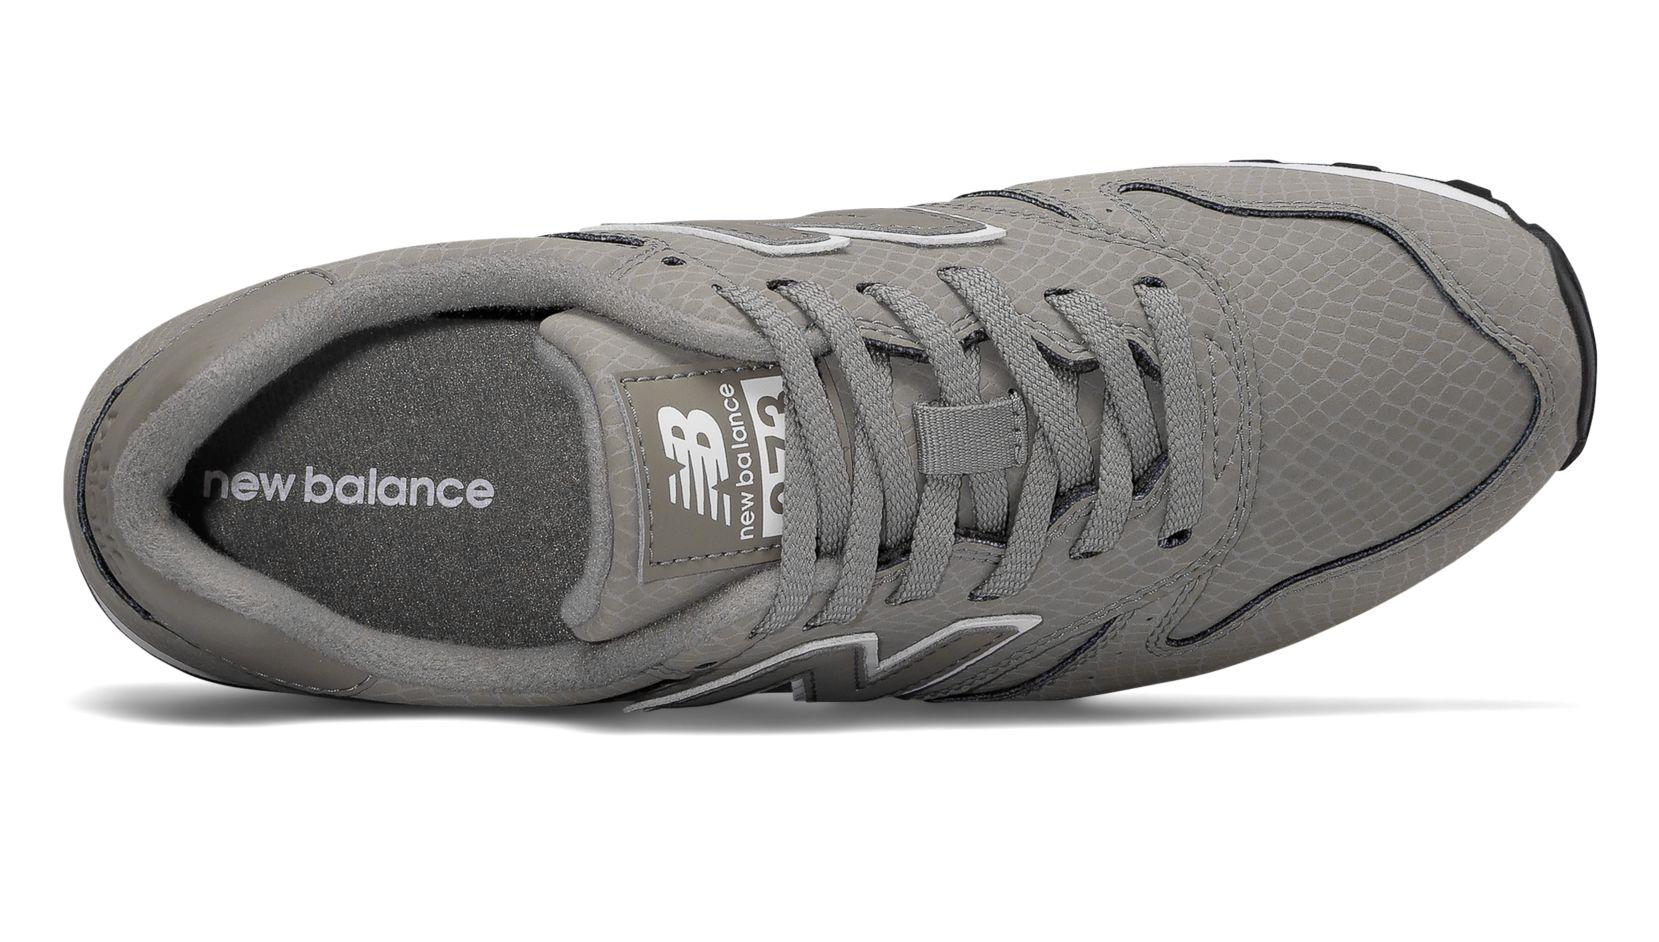 new balance 373 v1 suede